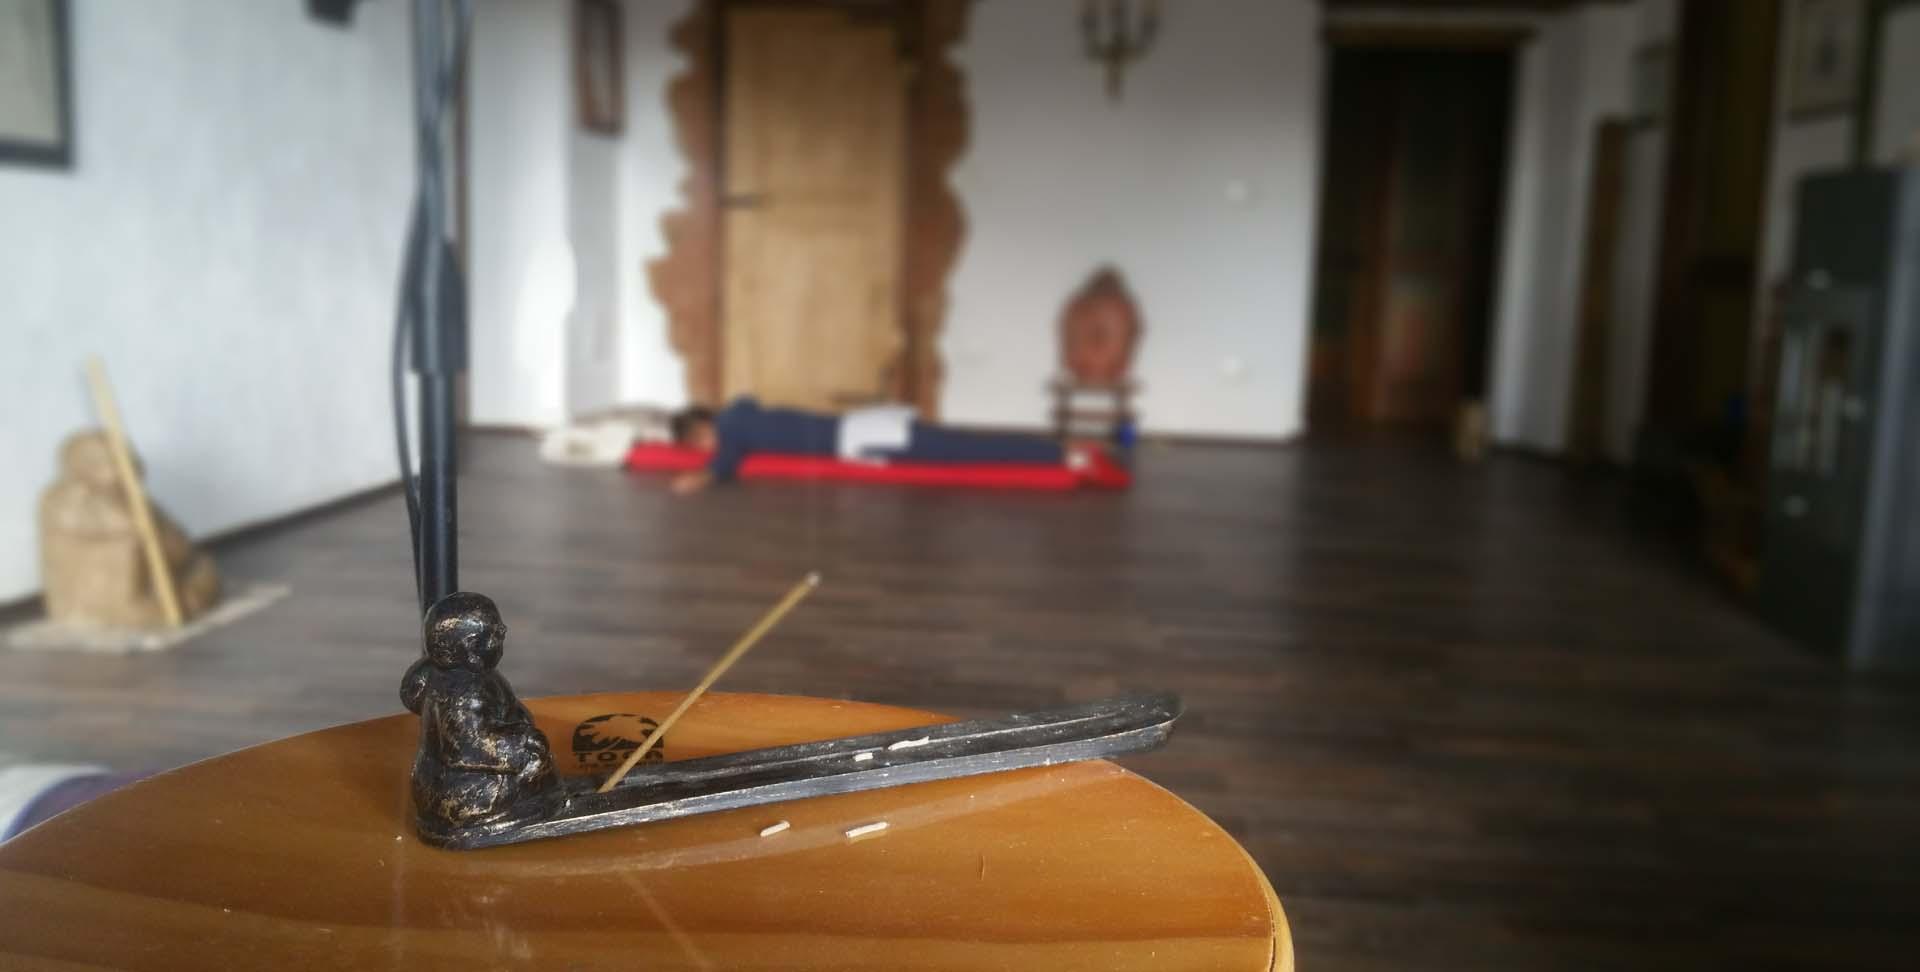 Ritiro individuale meditazione attiva relax conduttore Vipal B&B & meditation center Zorba Il Buddha Passerano Marmorito (AT)